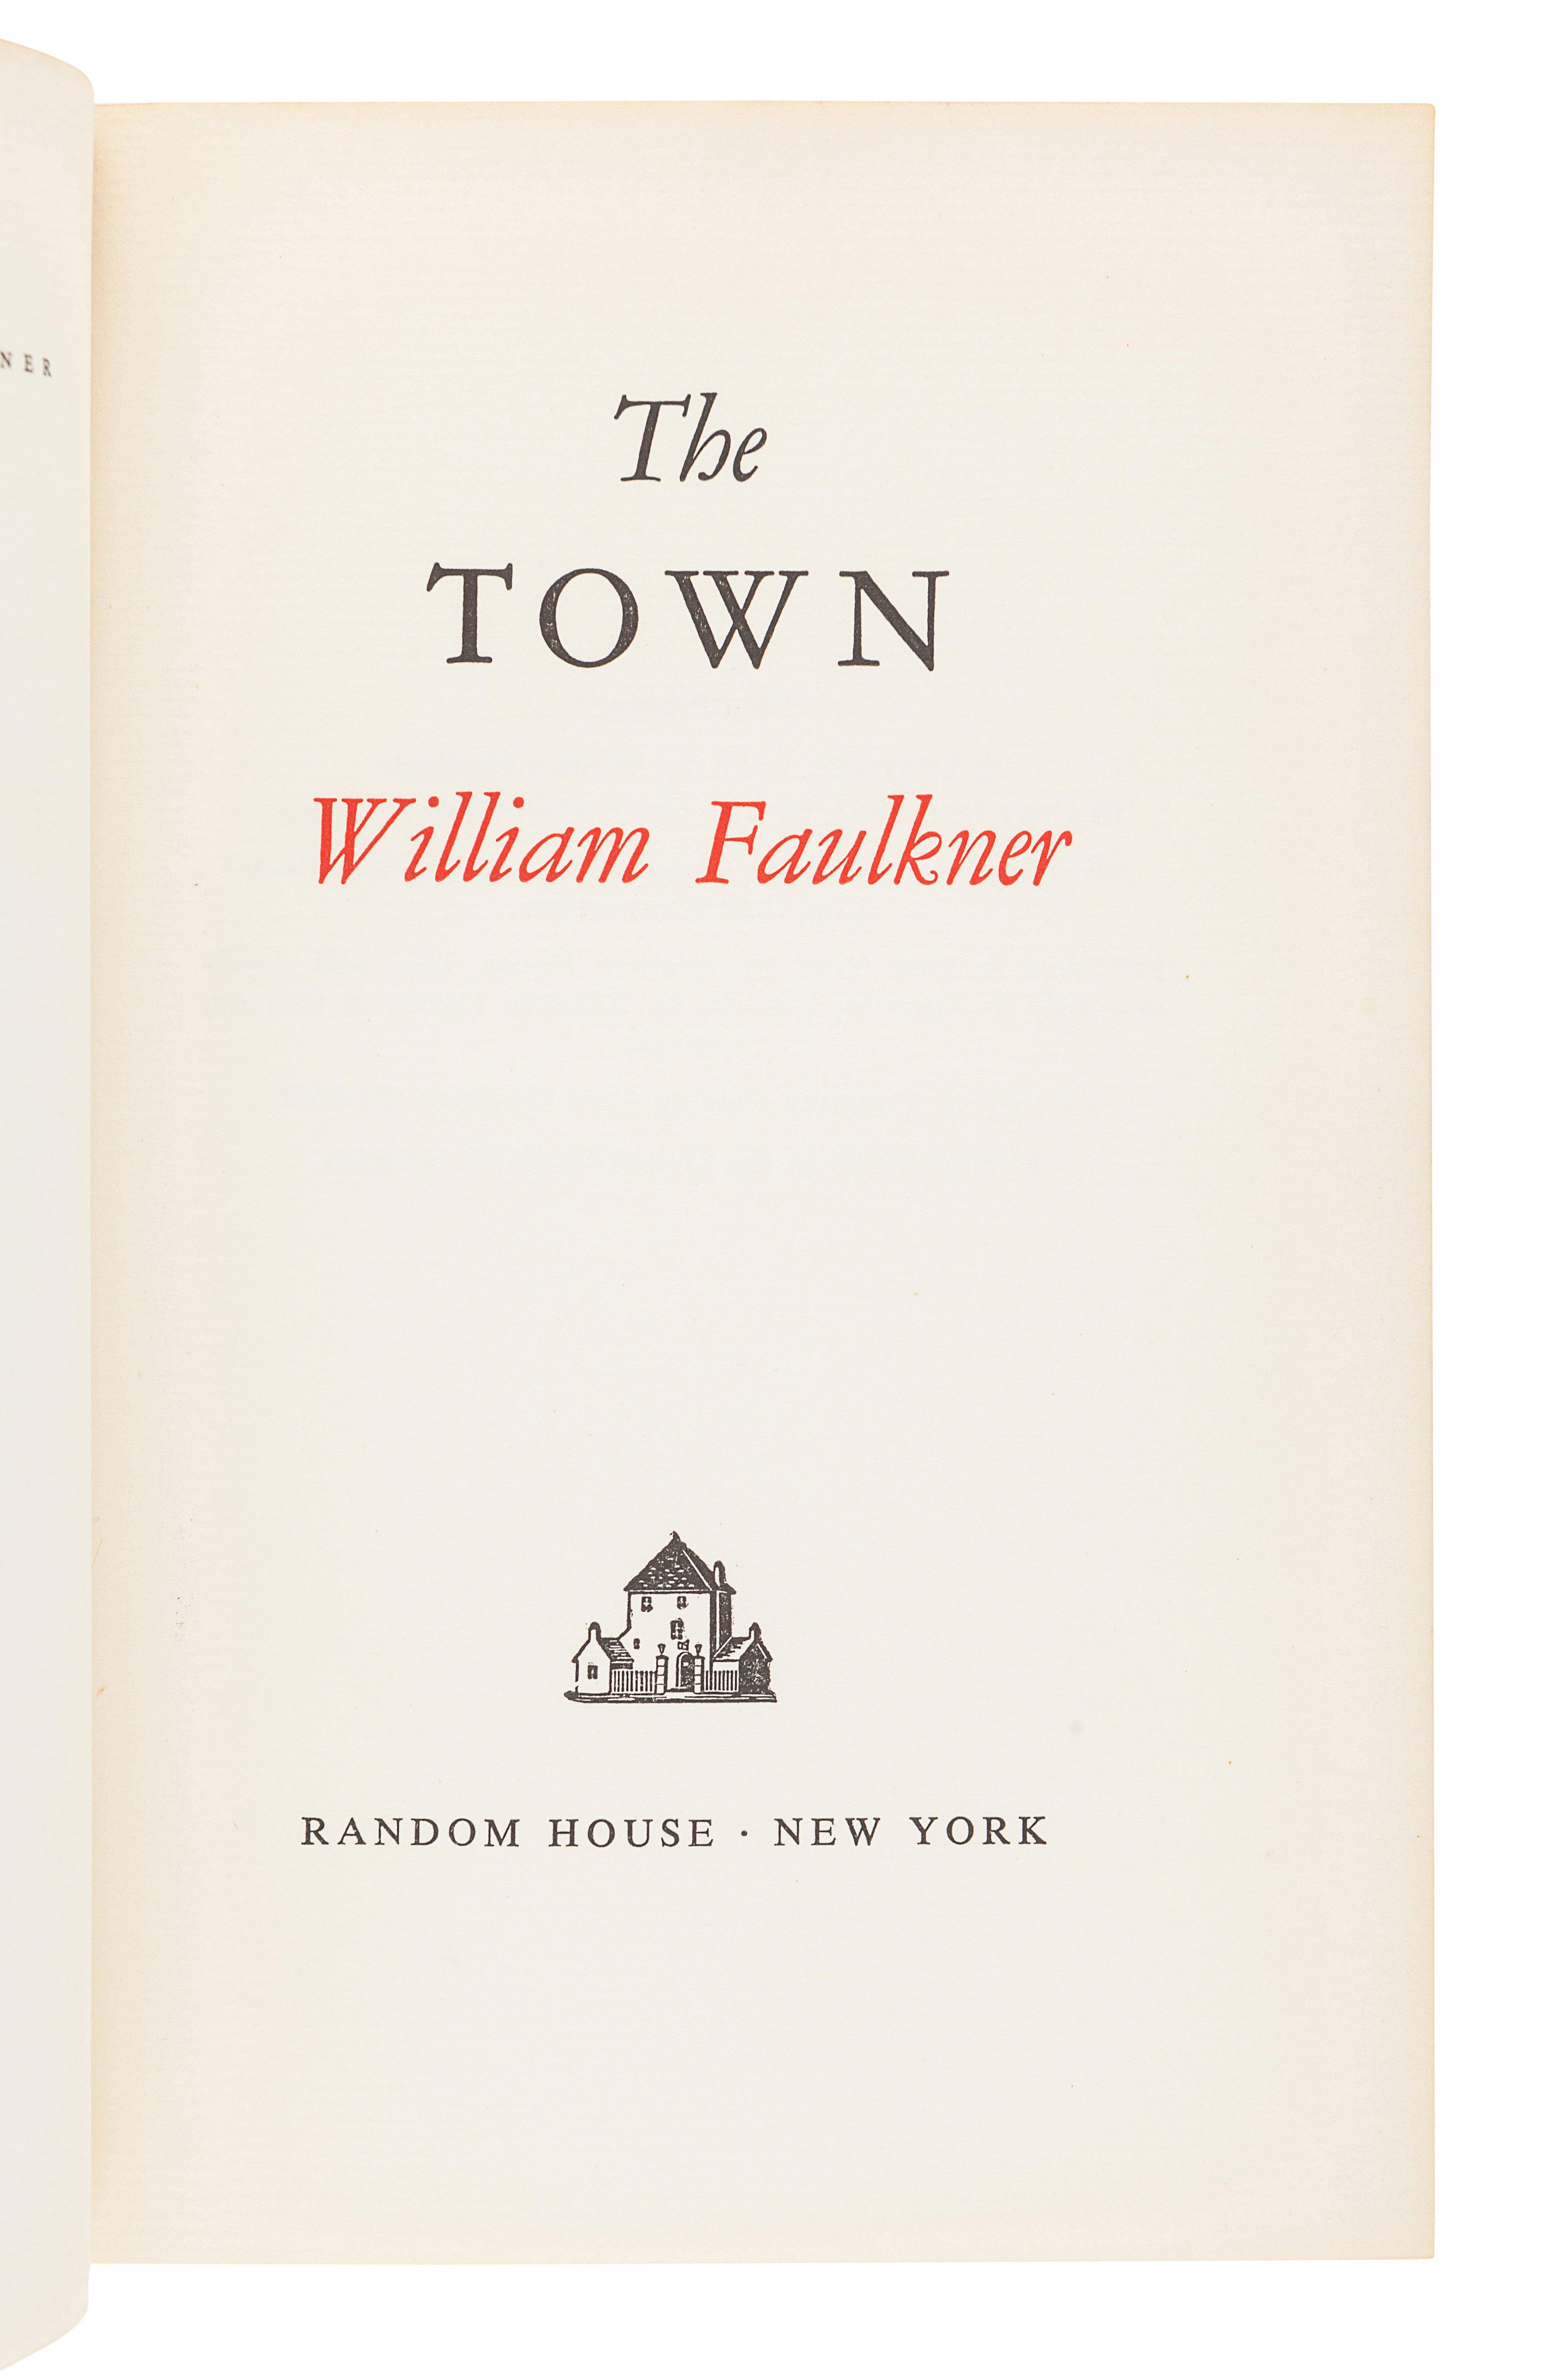 FAULKNER, William (1897-1962). The Town. New York: Random House, 1957. - Image 2 of 3